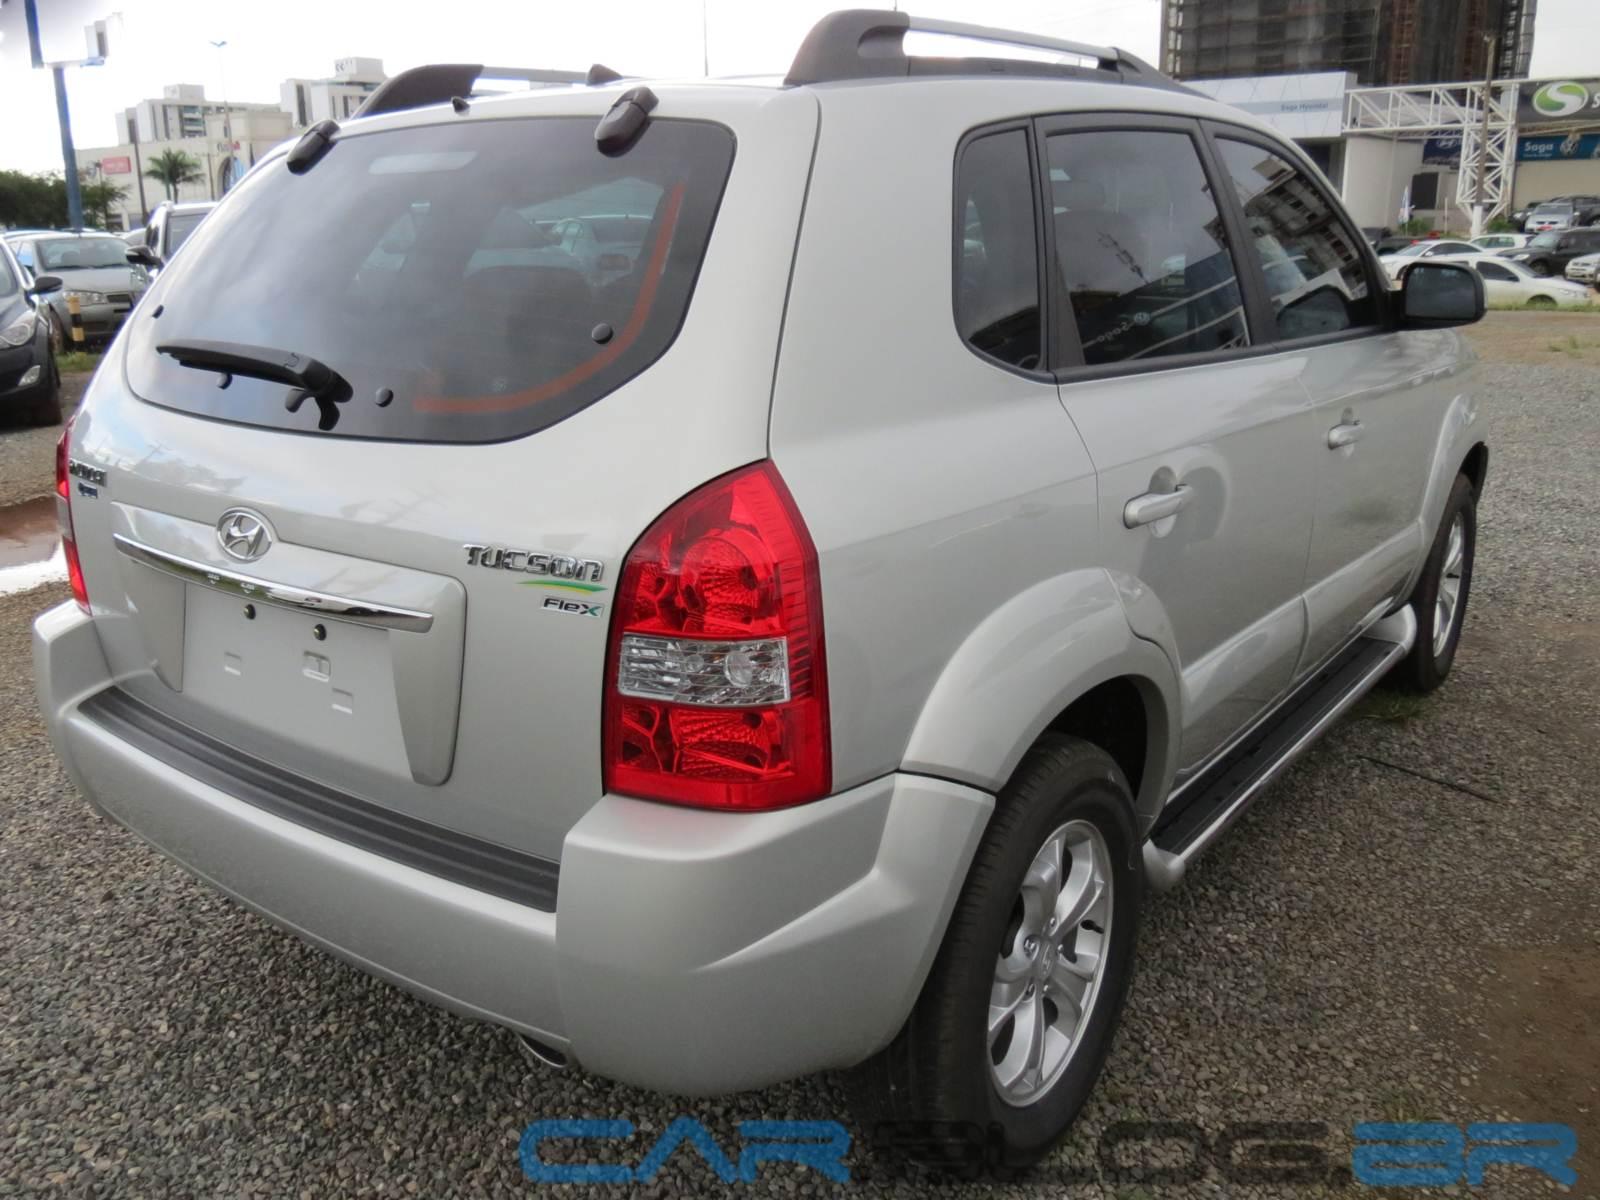 Hyundai Tucson 2013 Flex Automático: preço, consumo, fotos e ficha